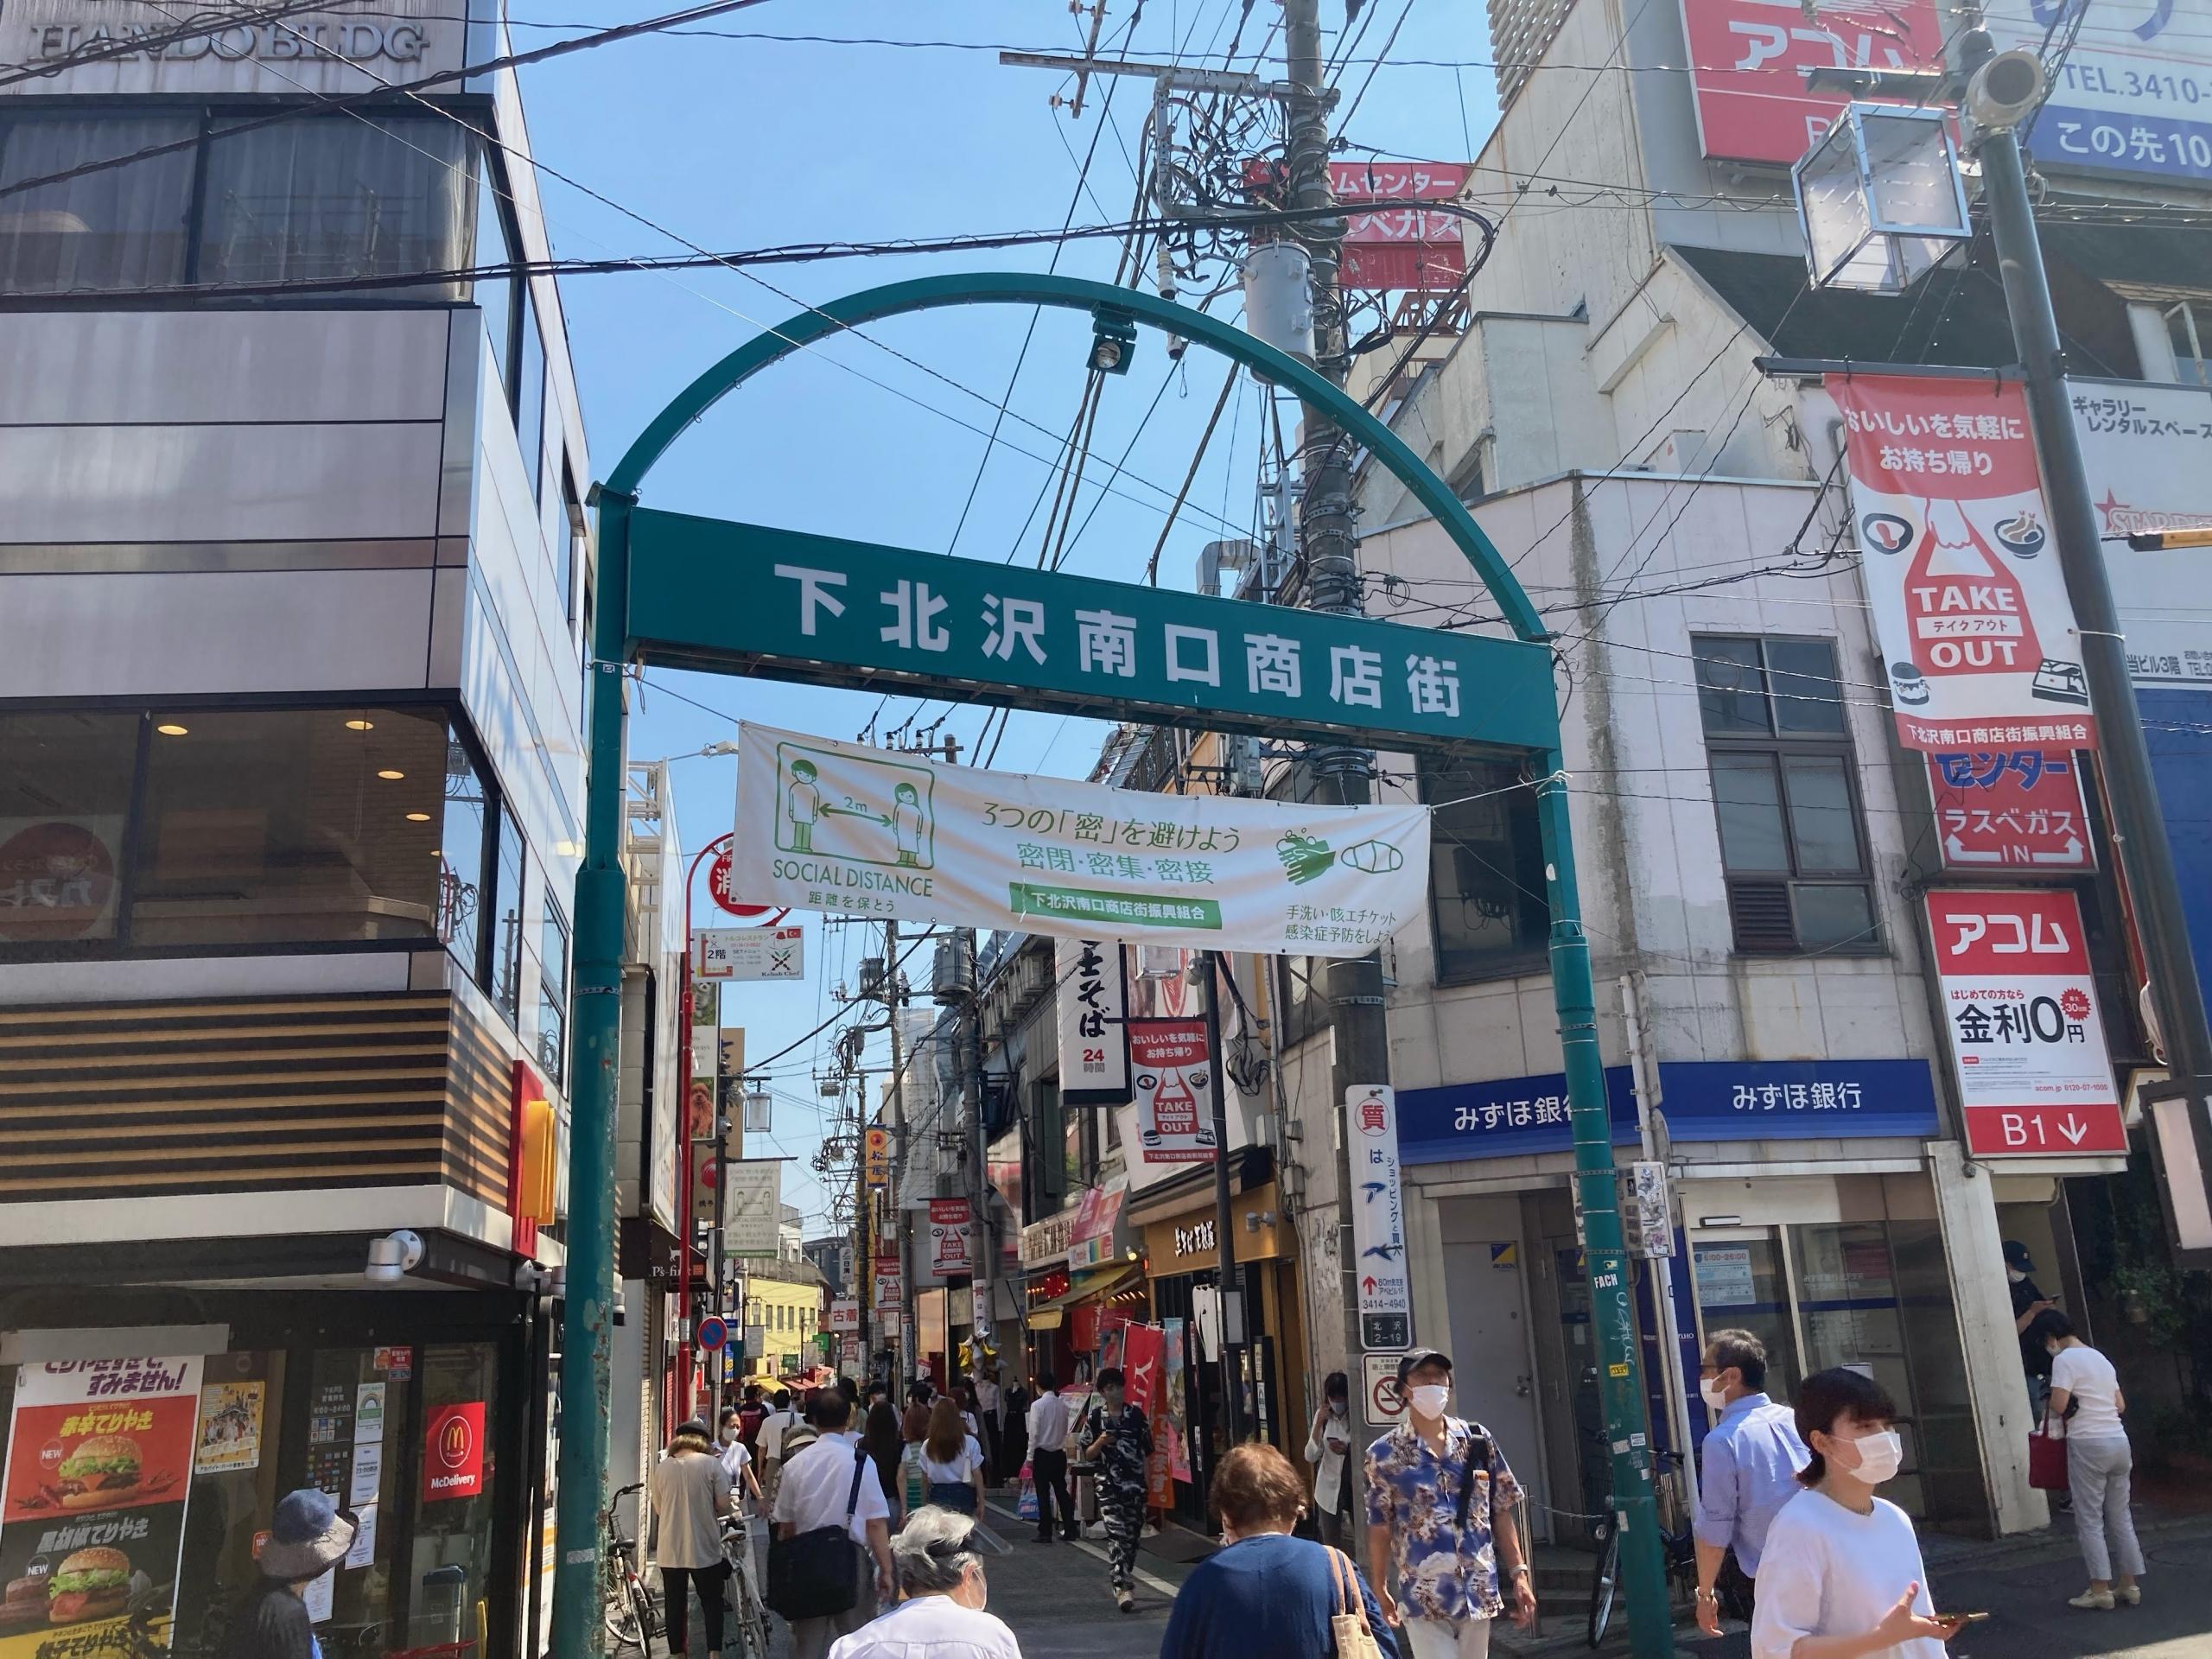 下北沢南口商店街 ※徒歩7分